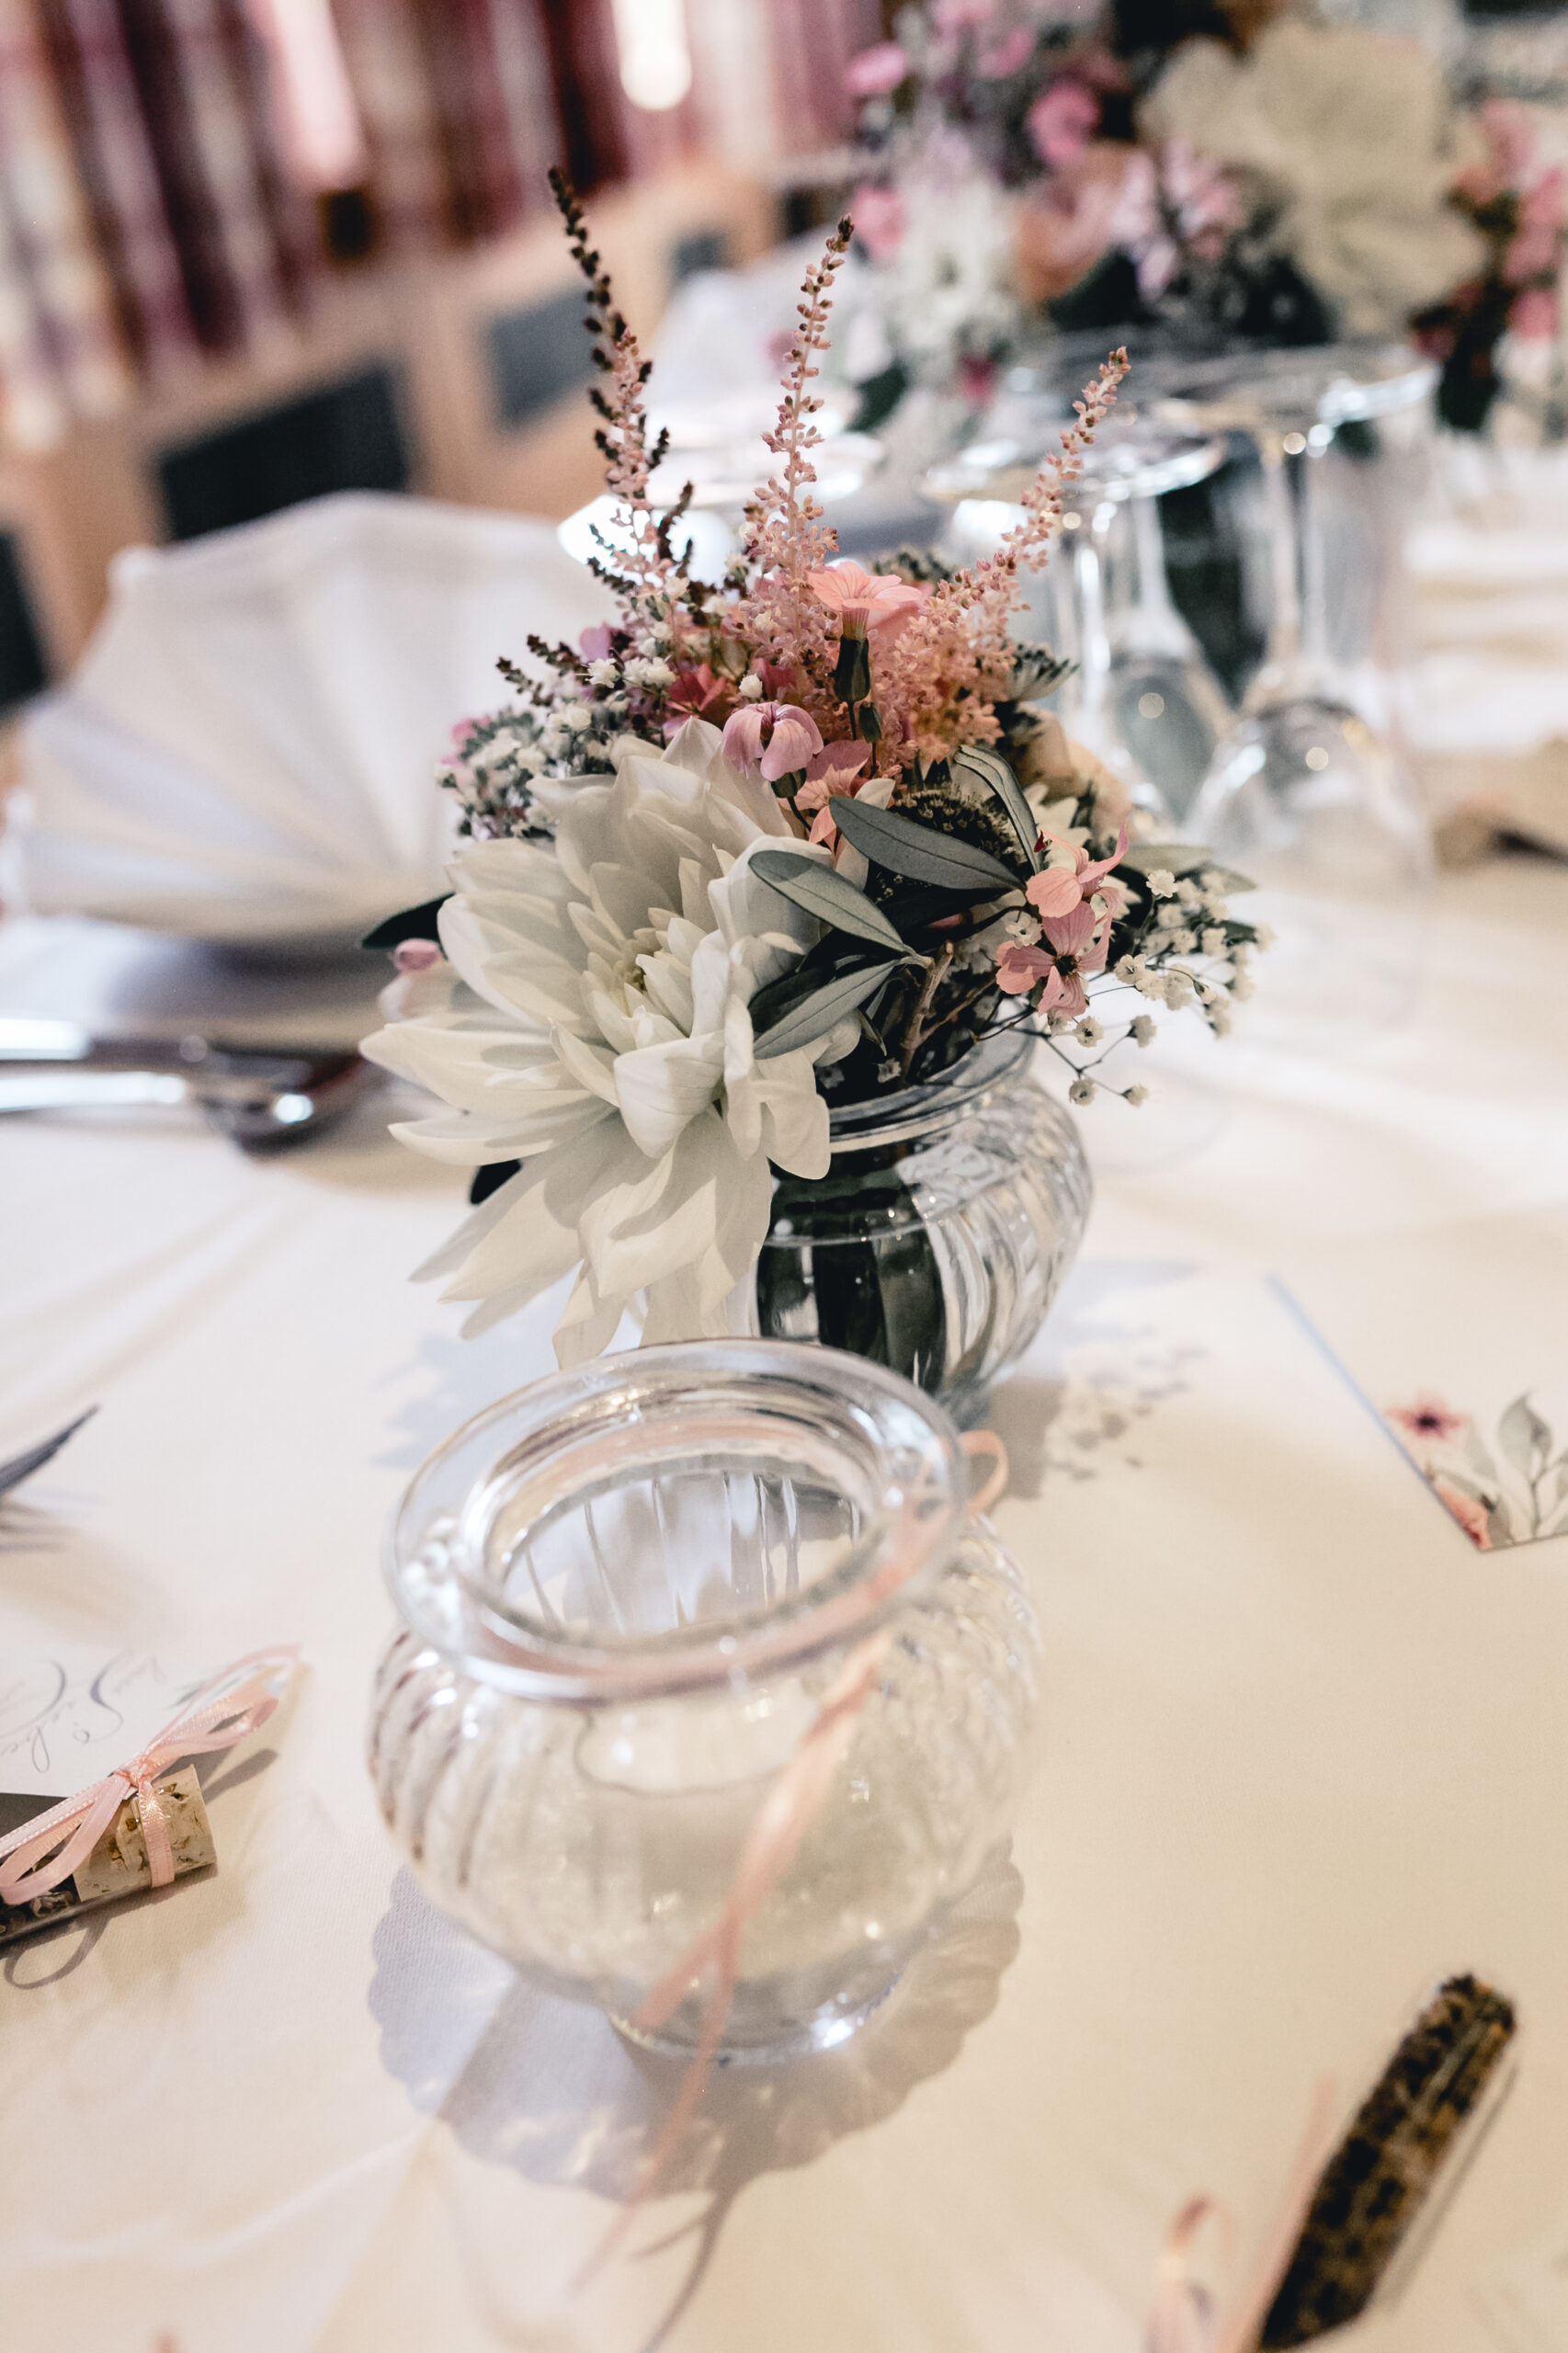 Tischdekoration Vintage Hochzeit Blumenstrauße Vintagegläser Papeterie Kirschblüten